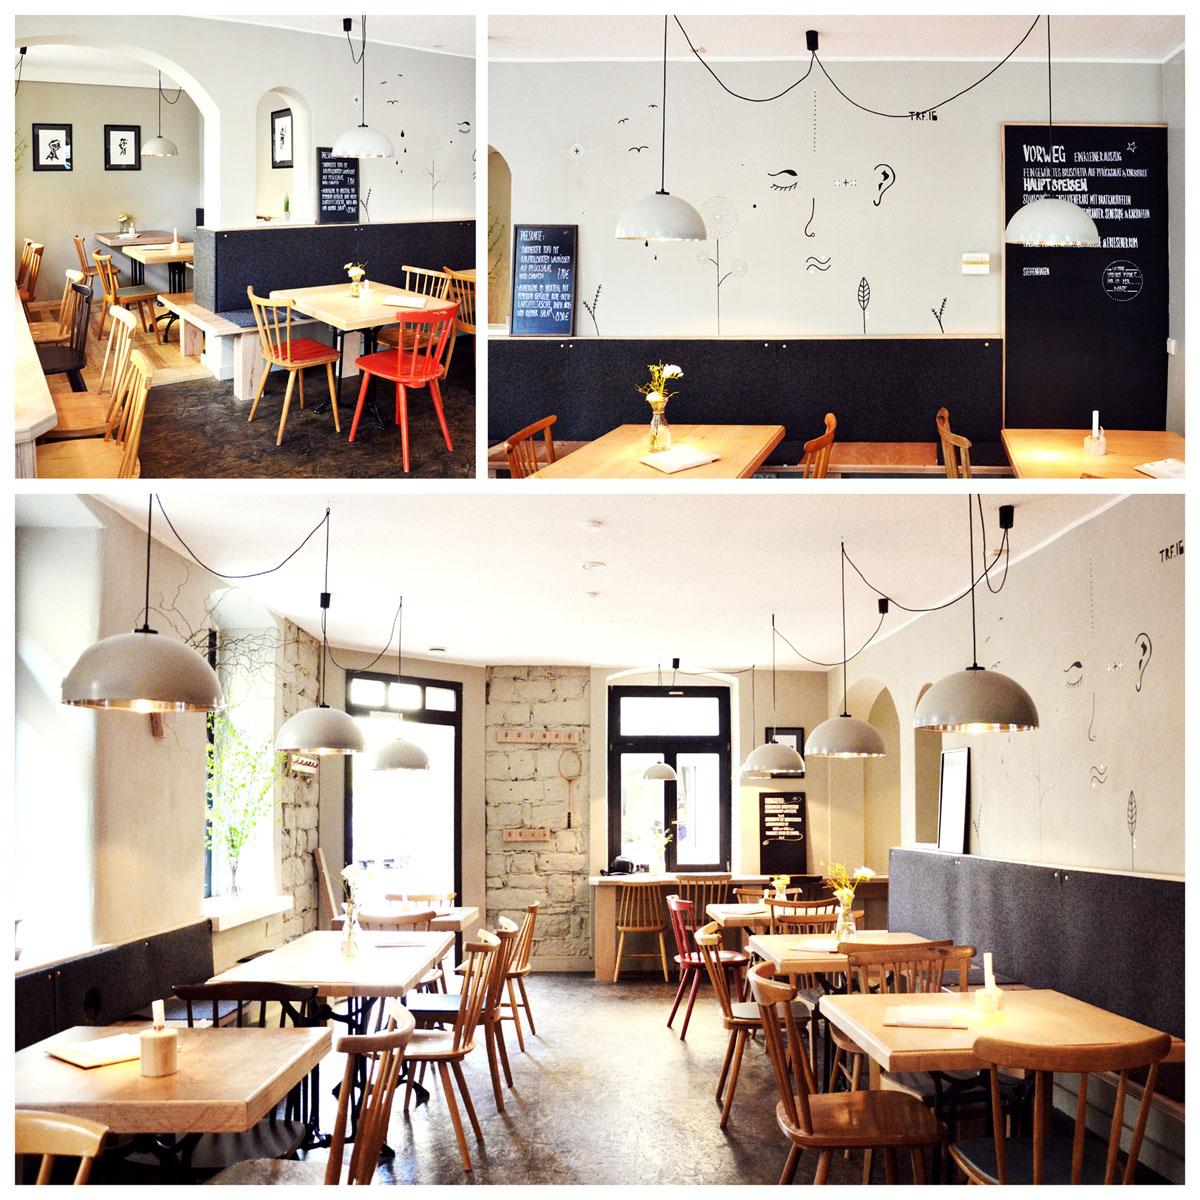 nachhaltiges interior produktdesign f r das vegane restaurant steffenhagen s chsischer. Black Bedroom Furniture Sets. Home Design Ideas